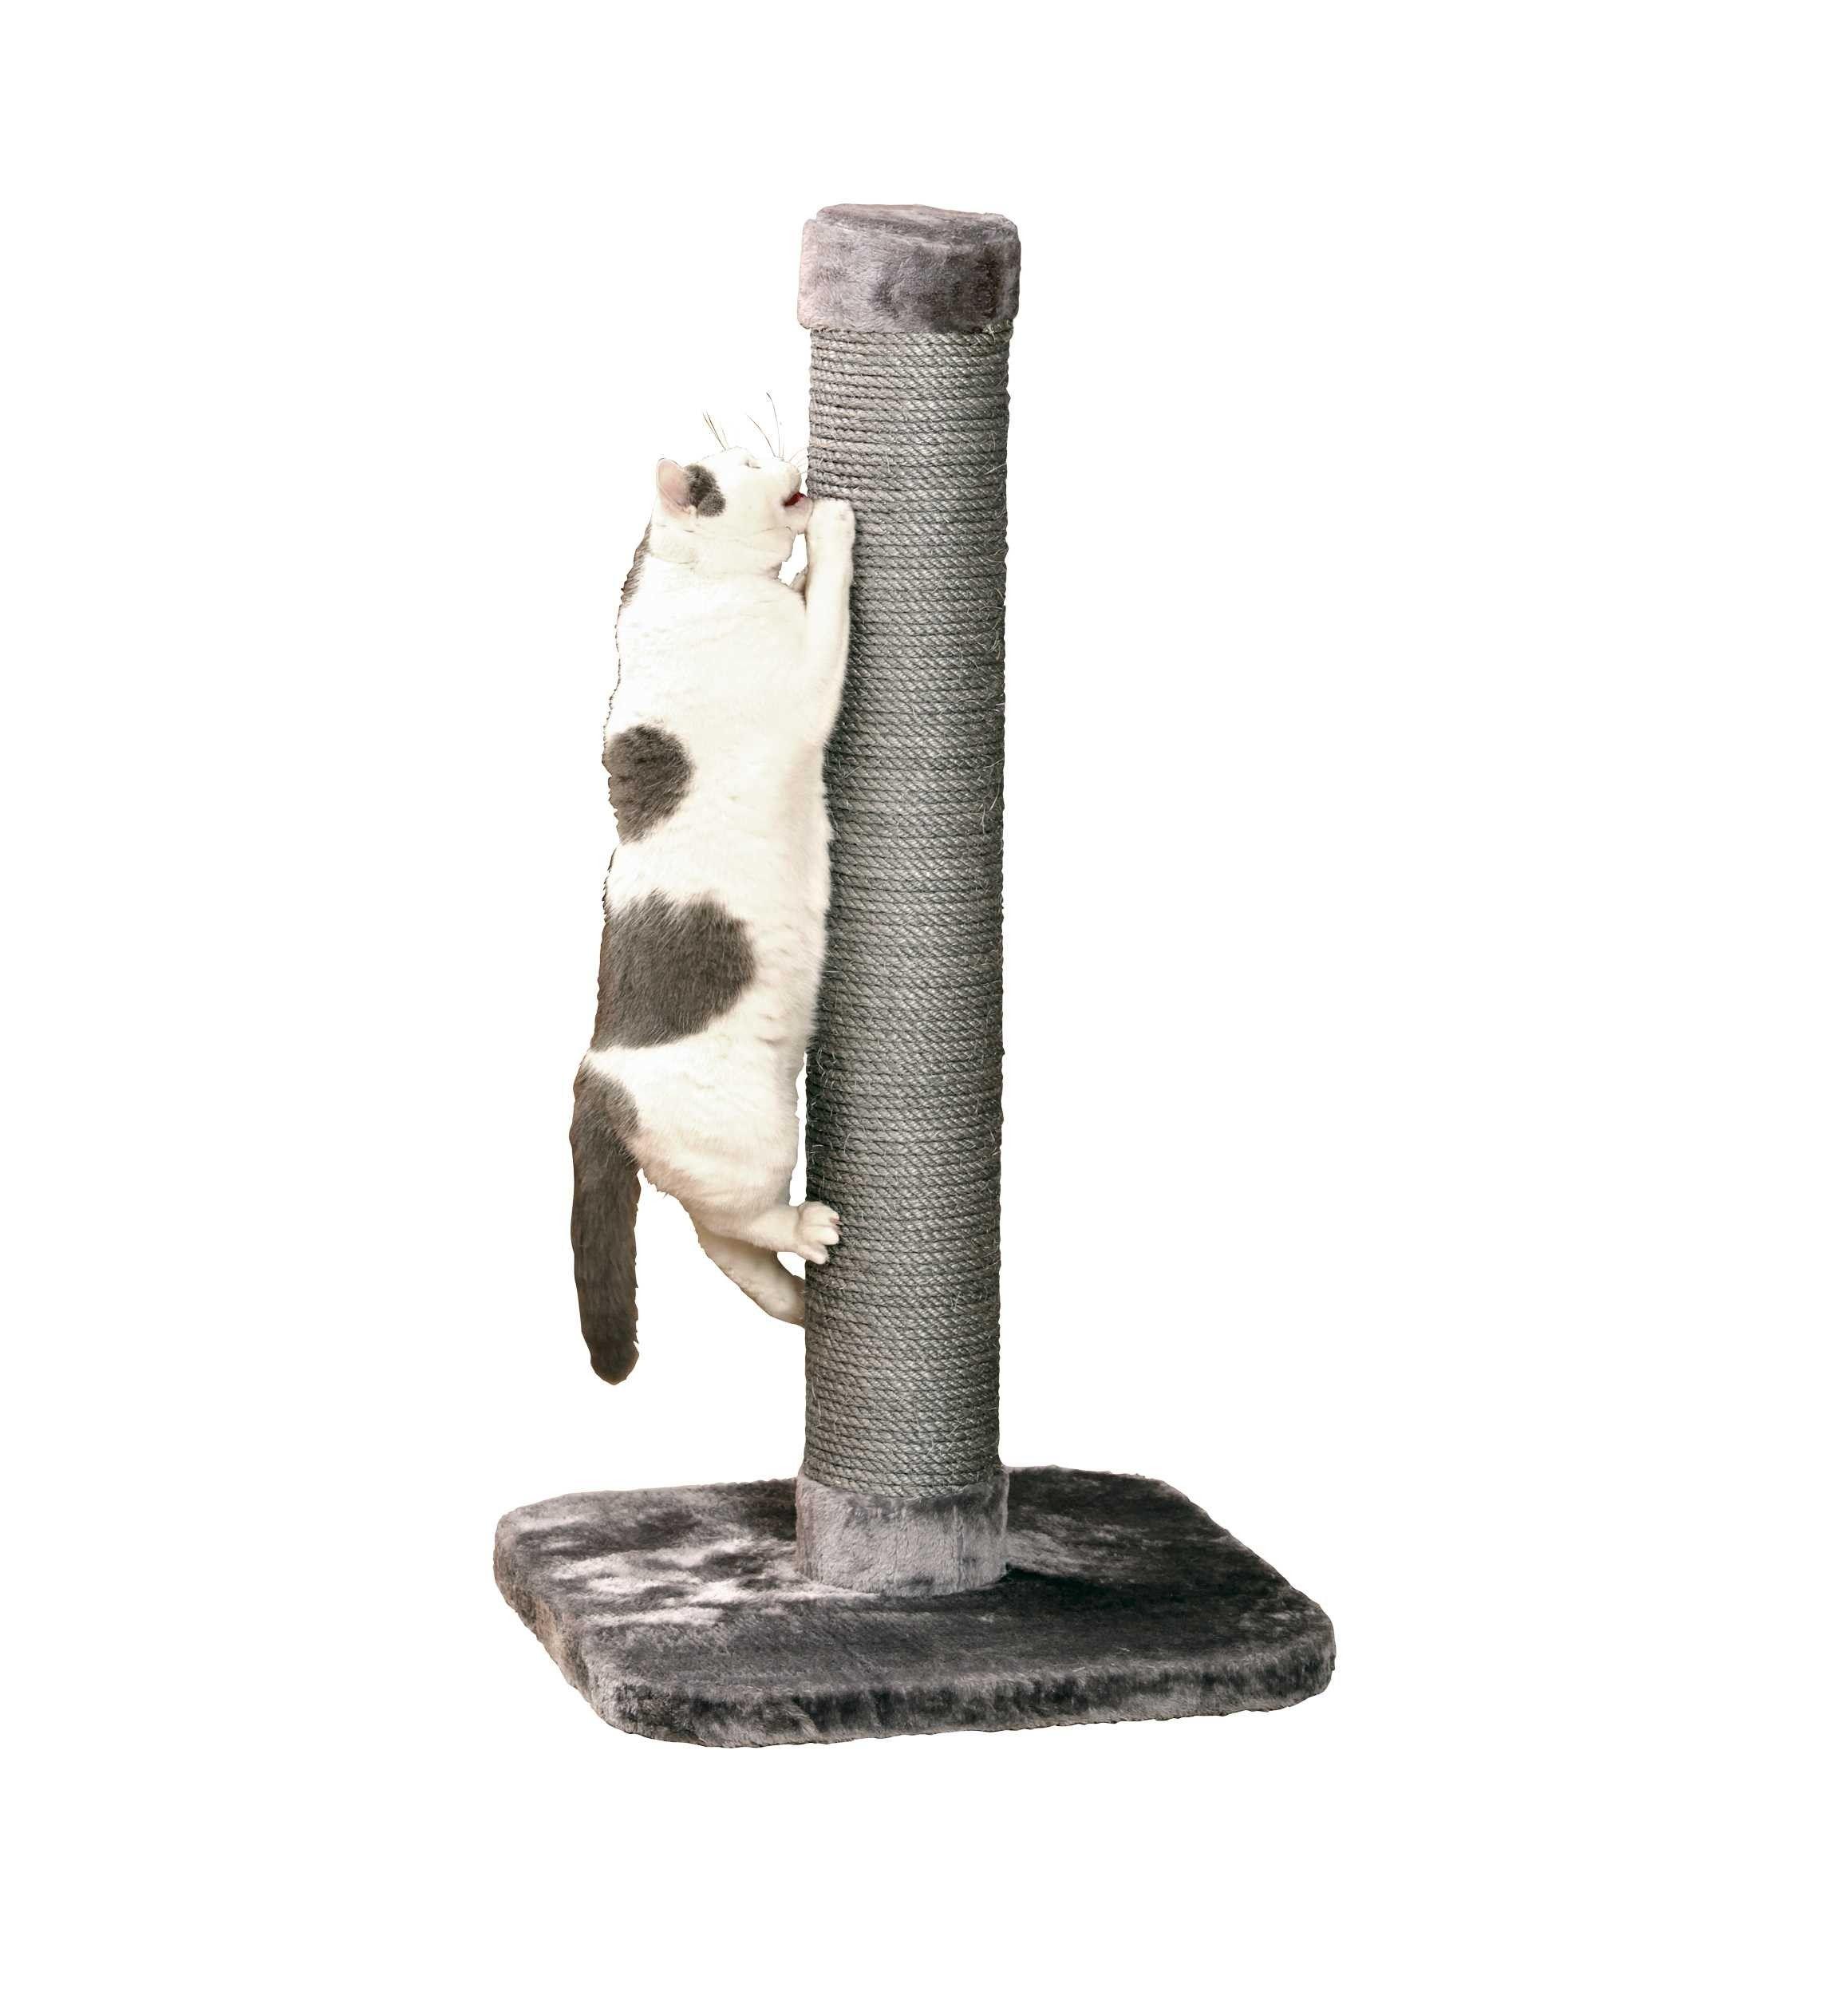 KARLIE BIG CAT krabpaal 56 X 56 X 119 CM, grijs kat